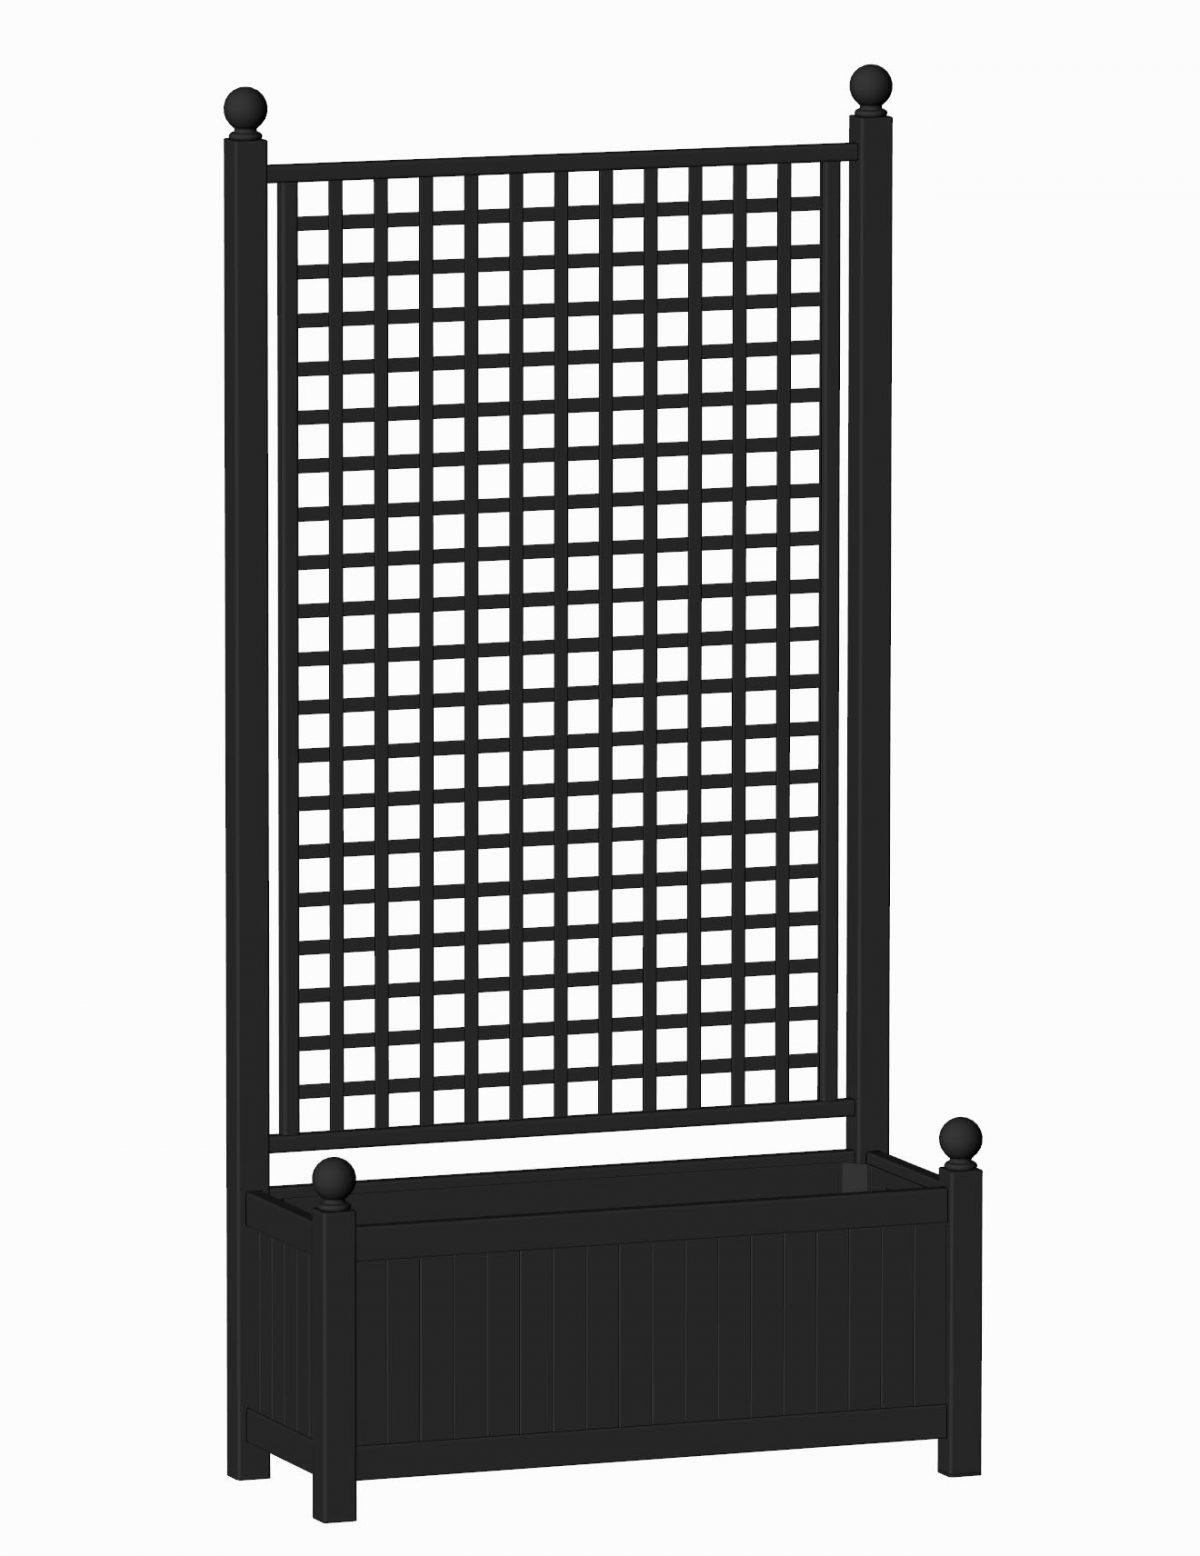 R17-A-SHD-Langer Kübel mit integriertem Rankgitter RAL 9005 Schwarz